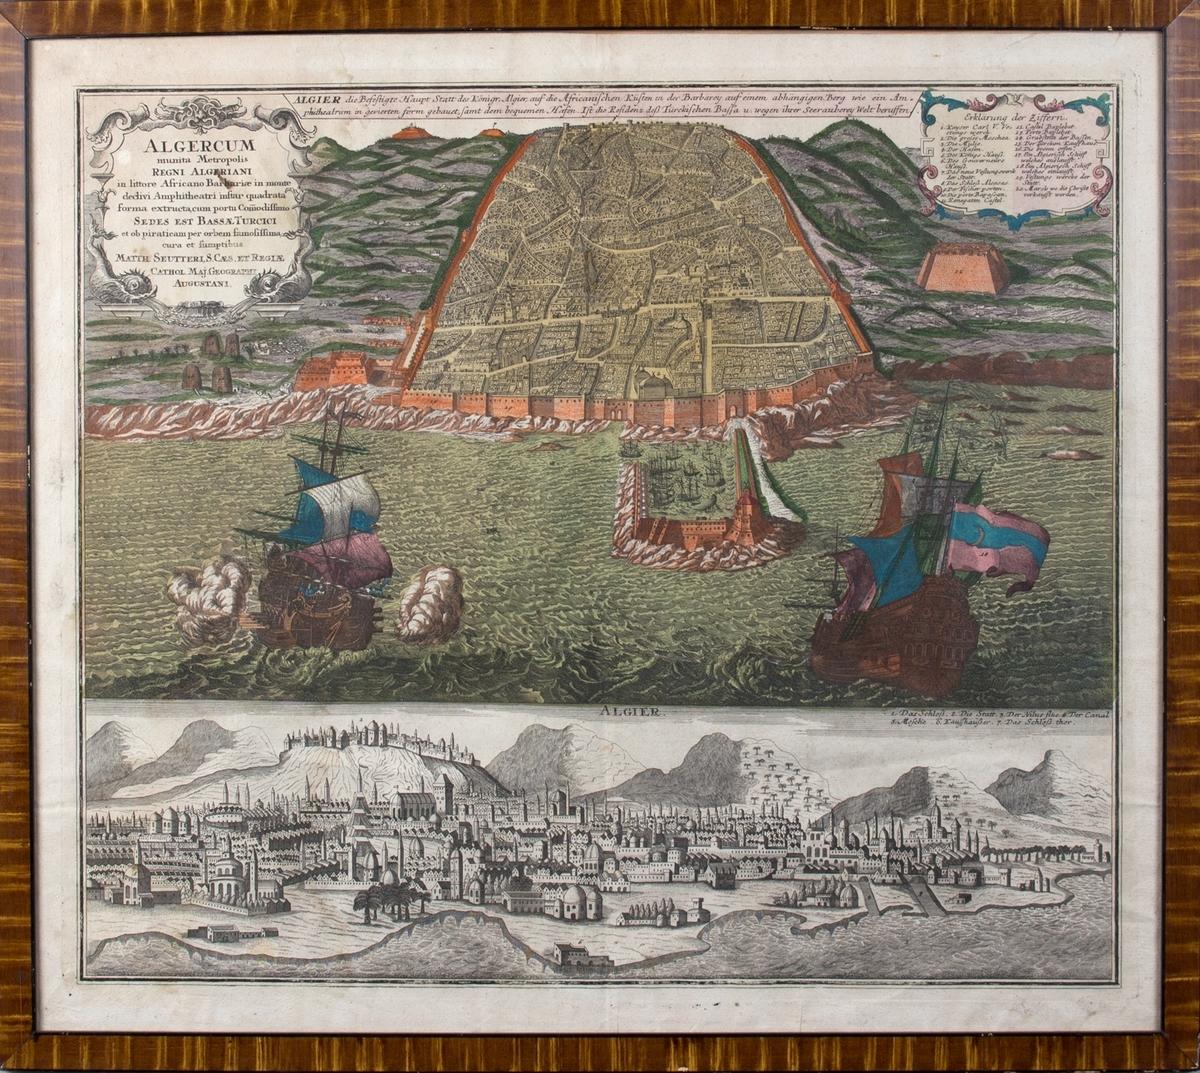 """Prospekt av byen Algier fra sjørøveriets dager.  Kobberstikk """"Algercum munita Metropolis"""" fra ca. 1750. Ser to orlogsfartøy med kanoner samt havnen i Algier omkranset av festningsmur."""